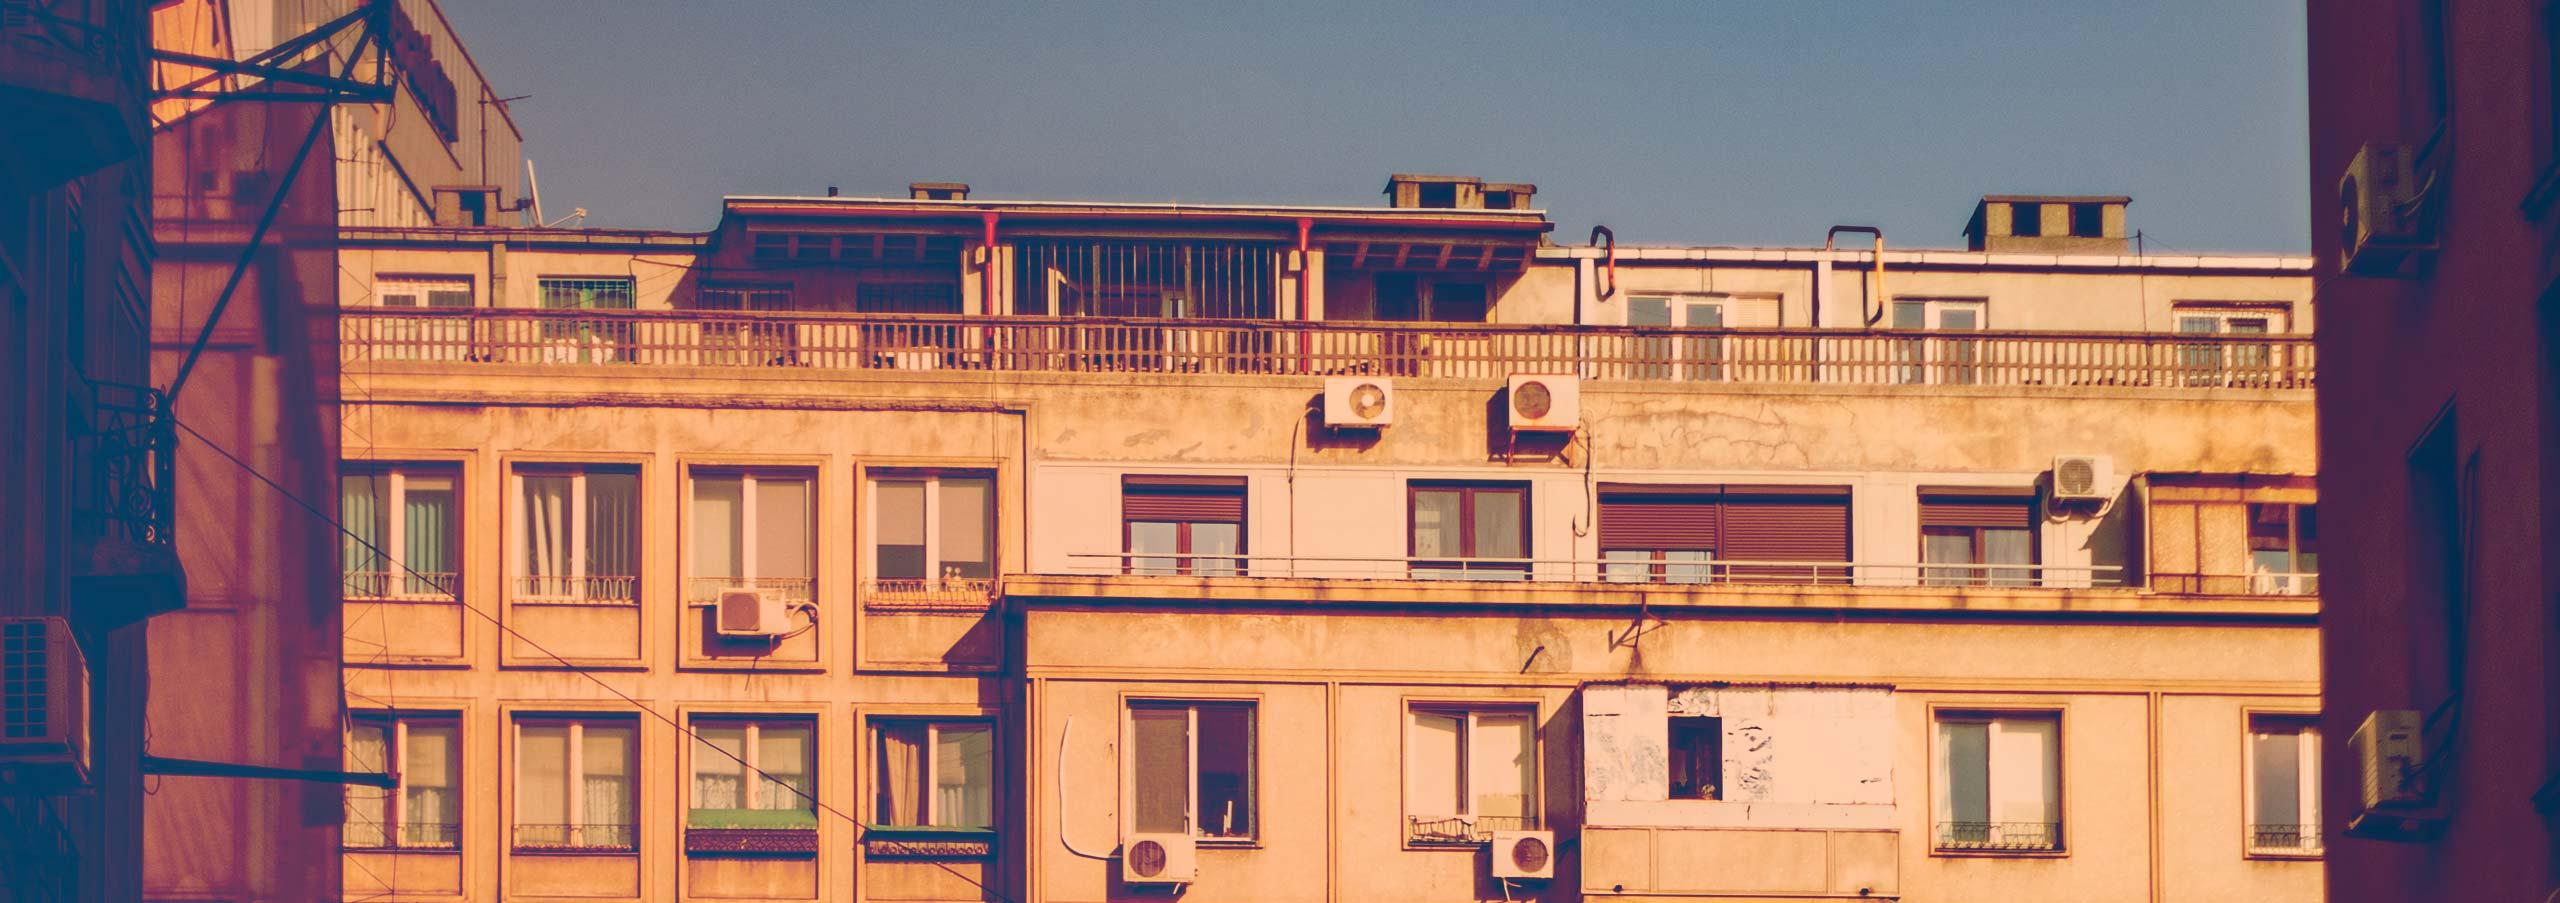 Renovarea energetică a clădirilor poate contribui la relansarea economică a României după criza Covid-19